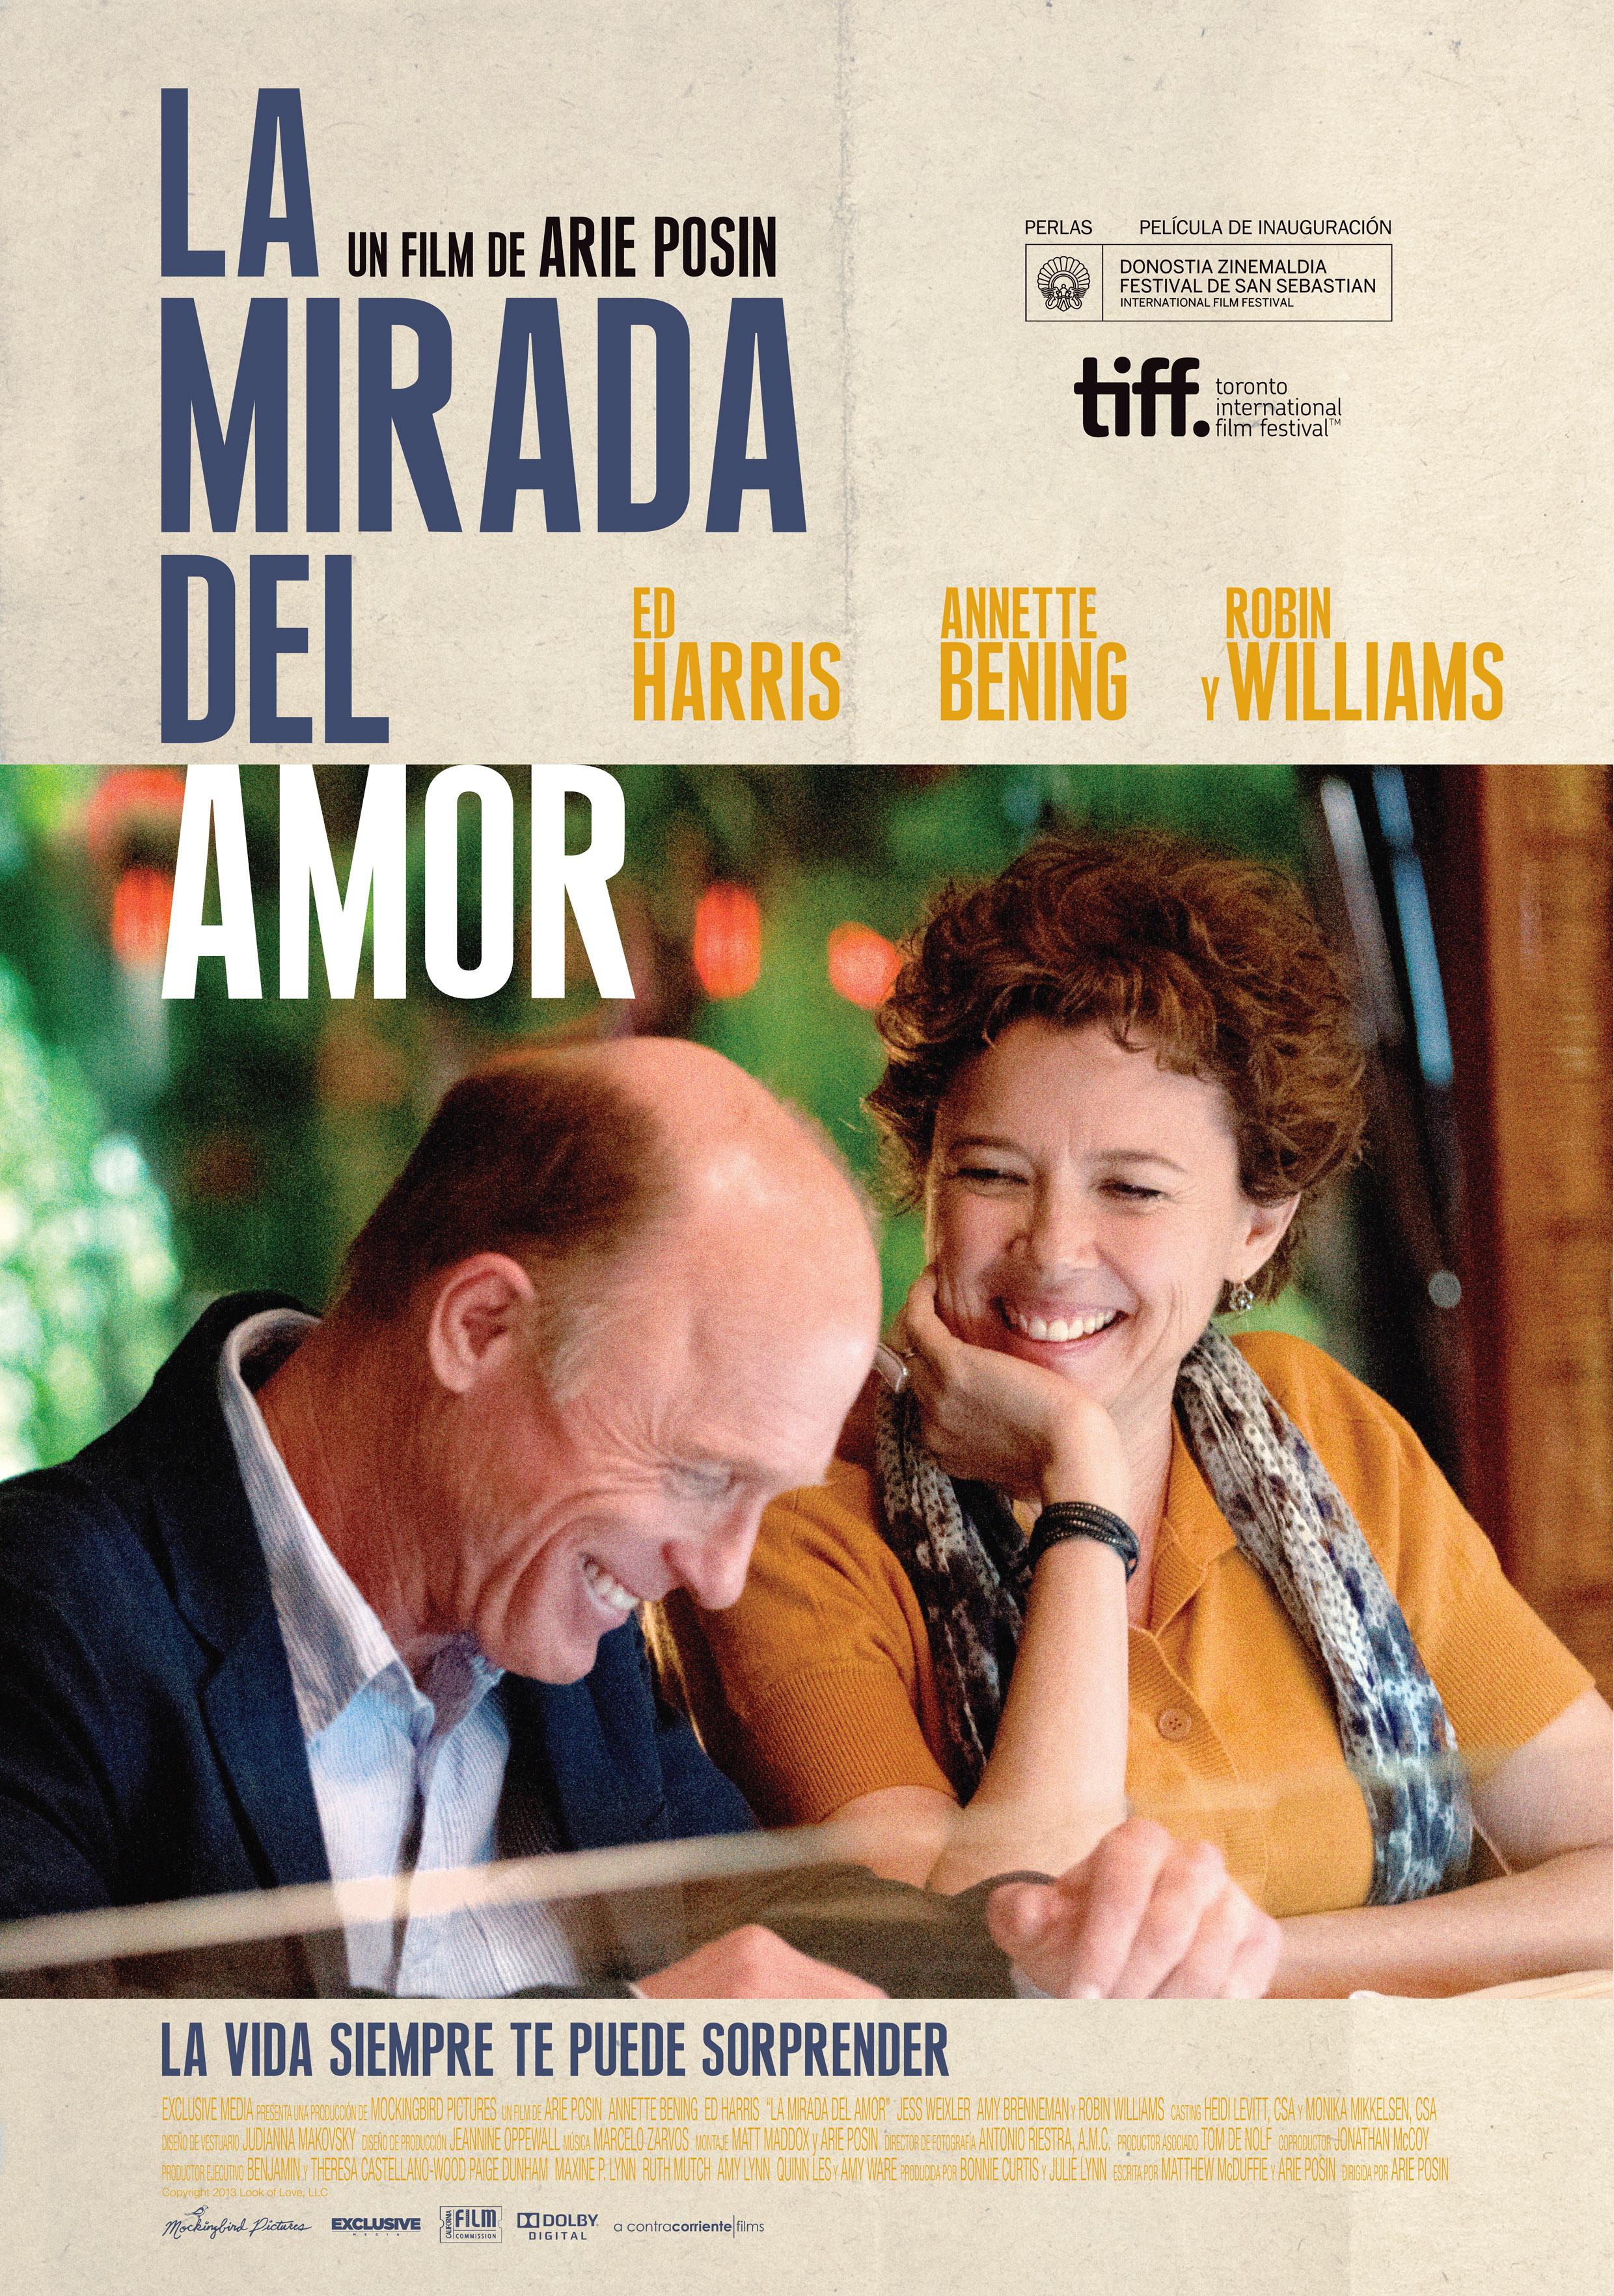 LA_MIRADA_DEL_AMOR-poster_final